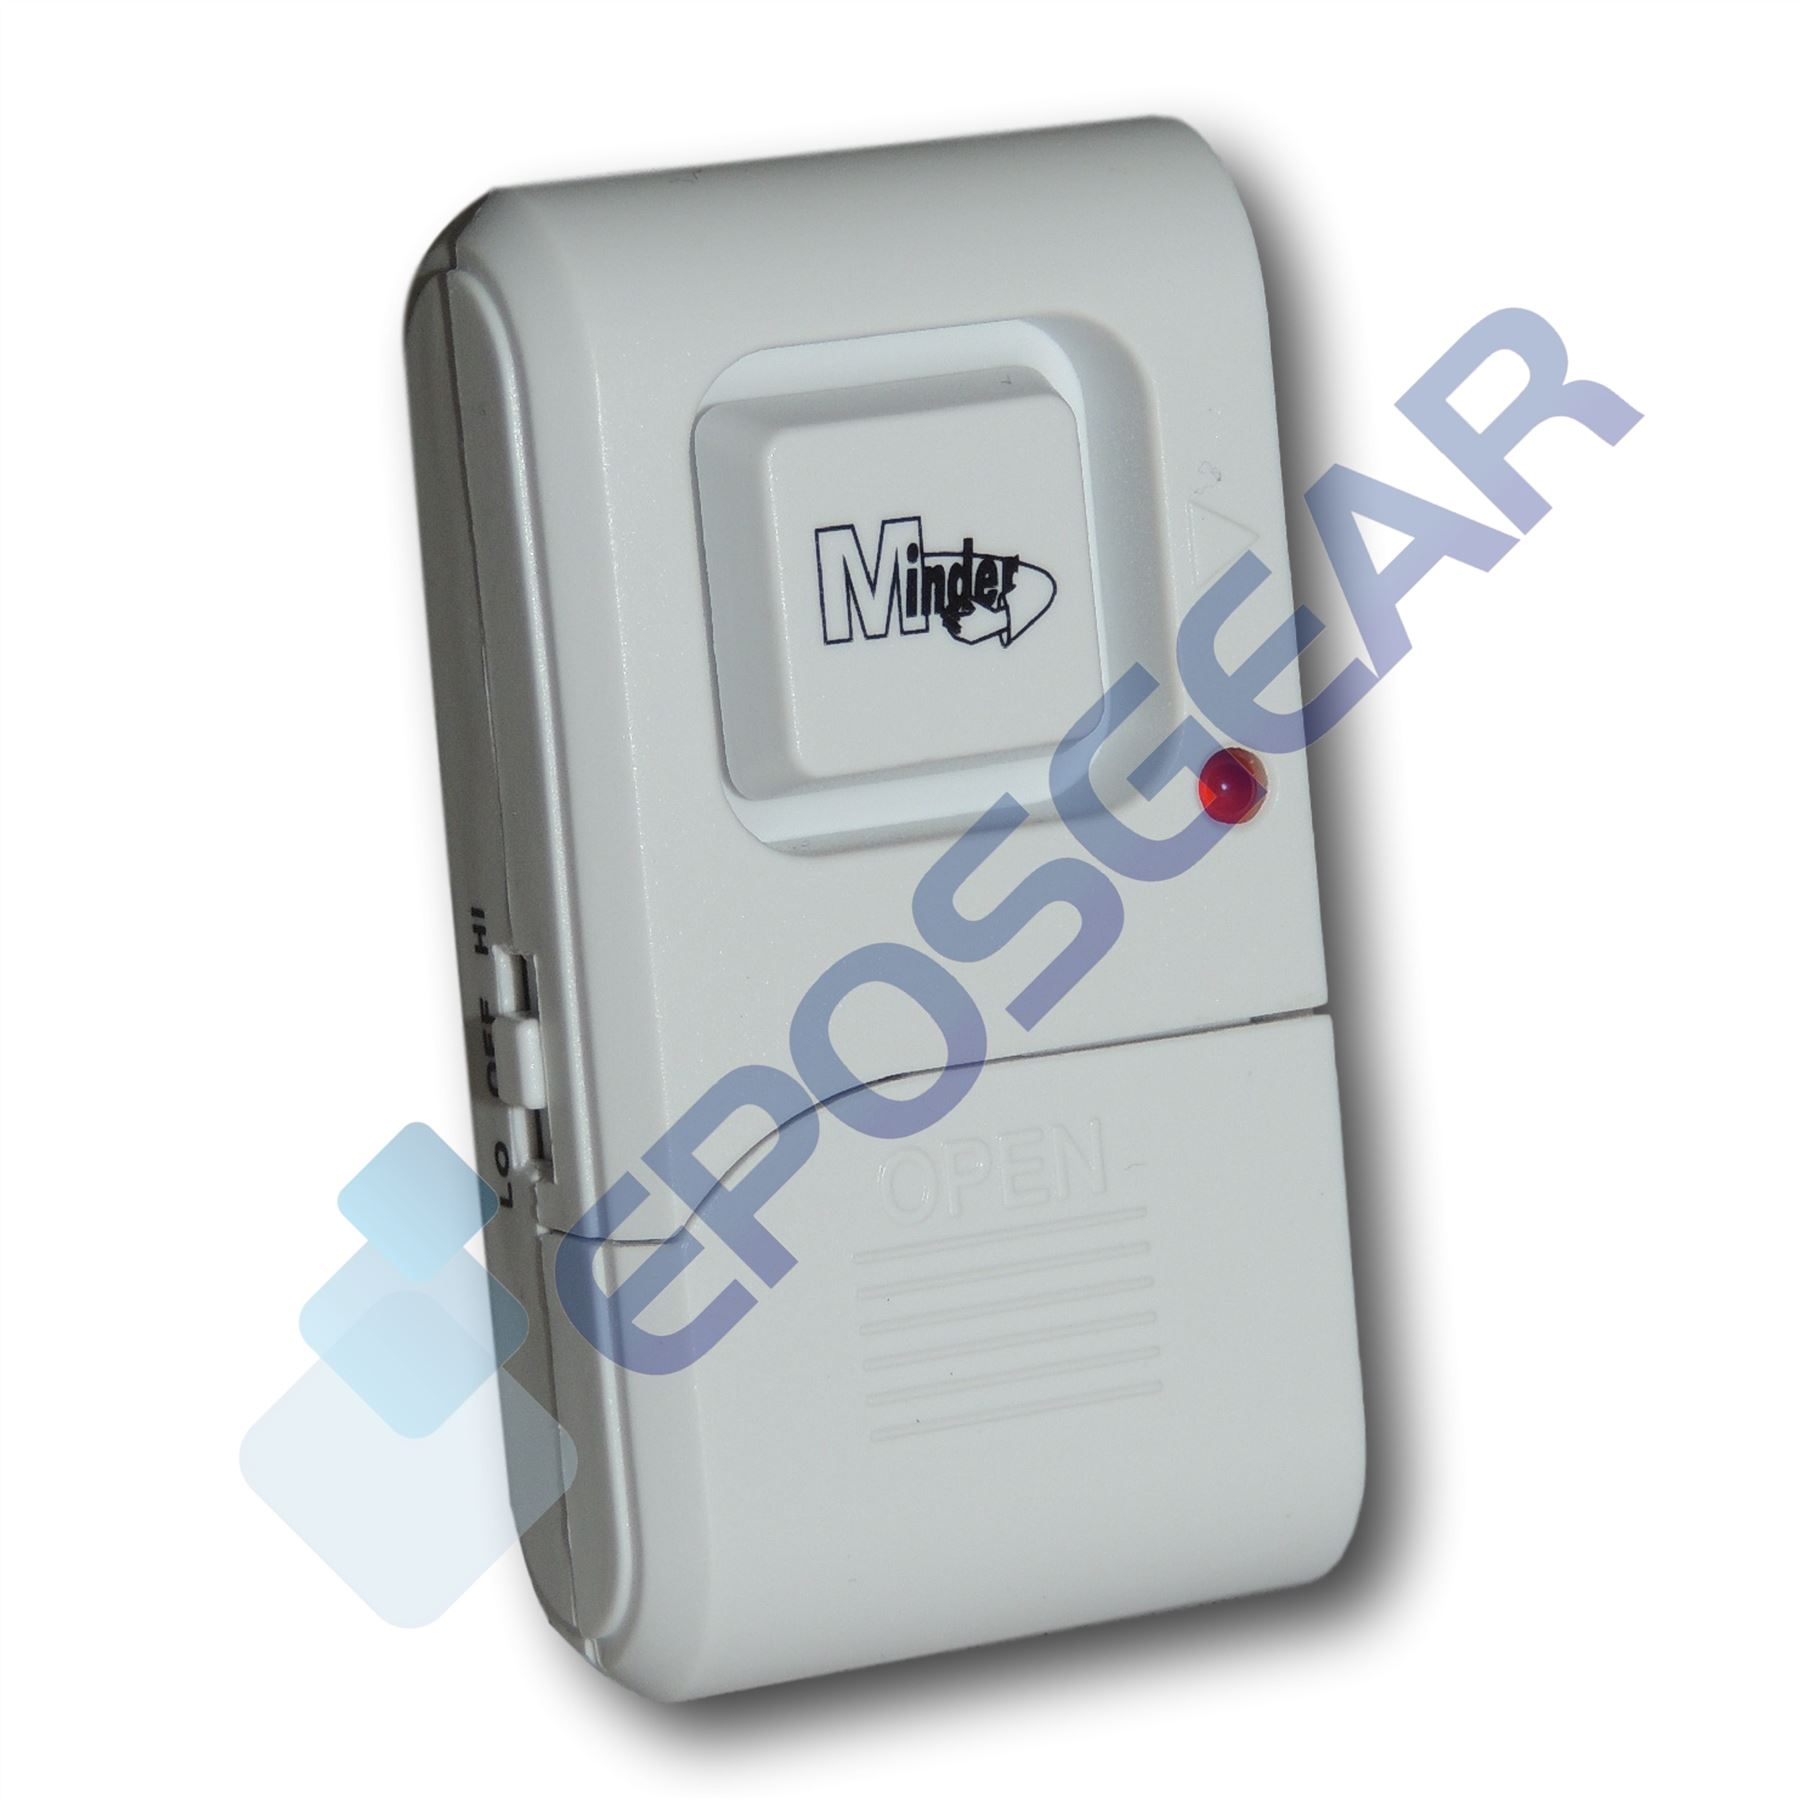 Minder Mini Window Glass Vibration Security Burglar Alarm Shed Image Is Loading